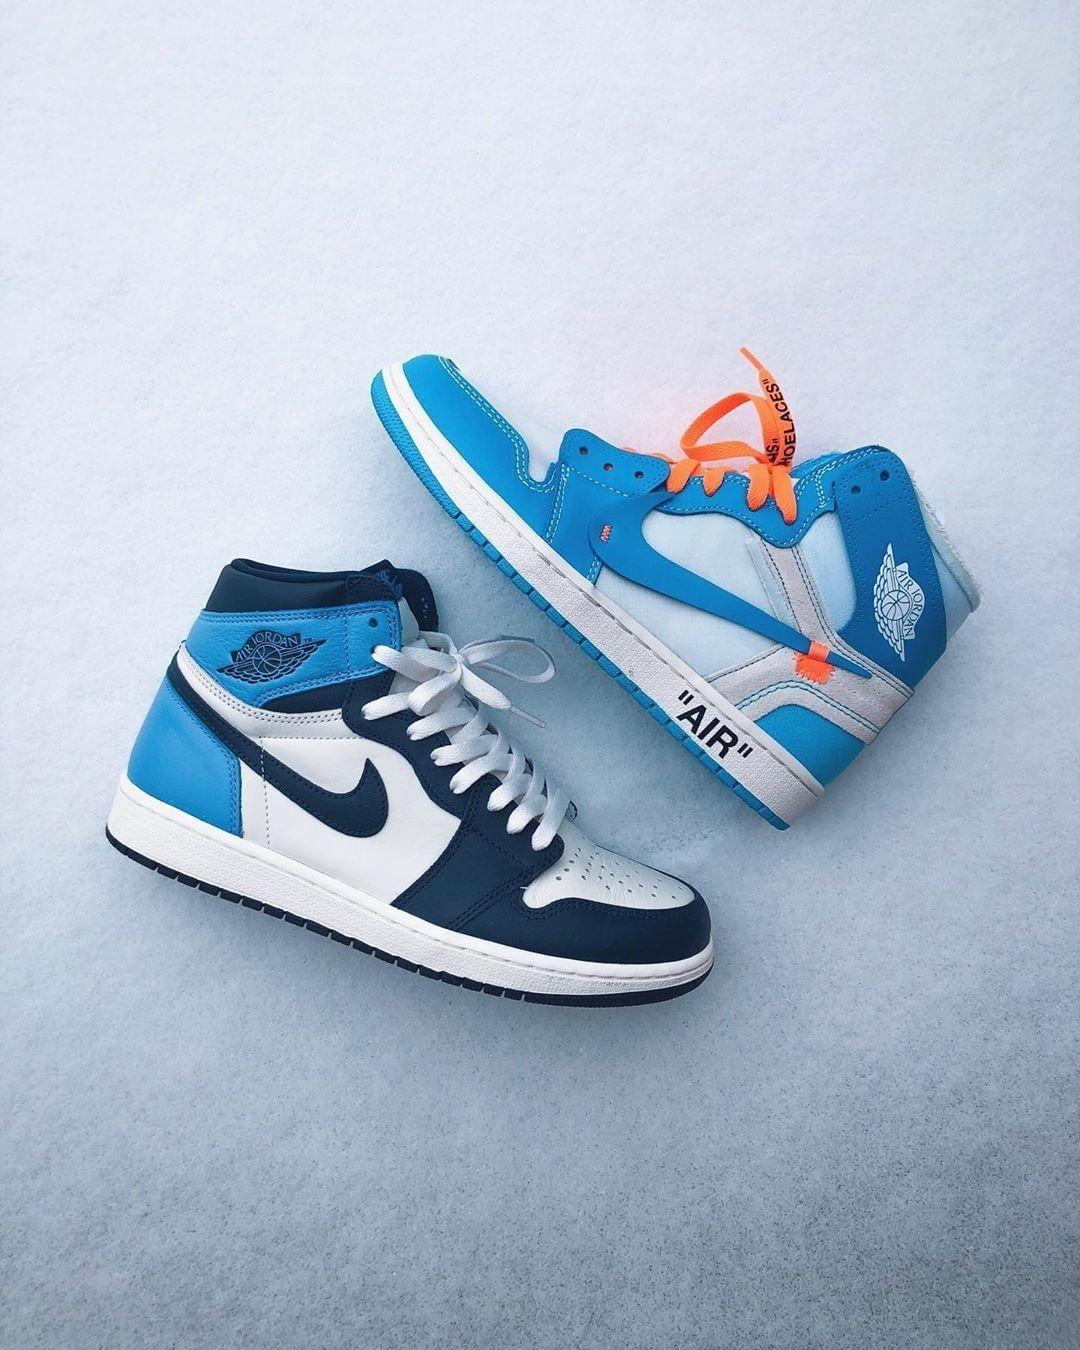 Wethenew On Instagram Or La Nike